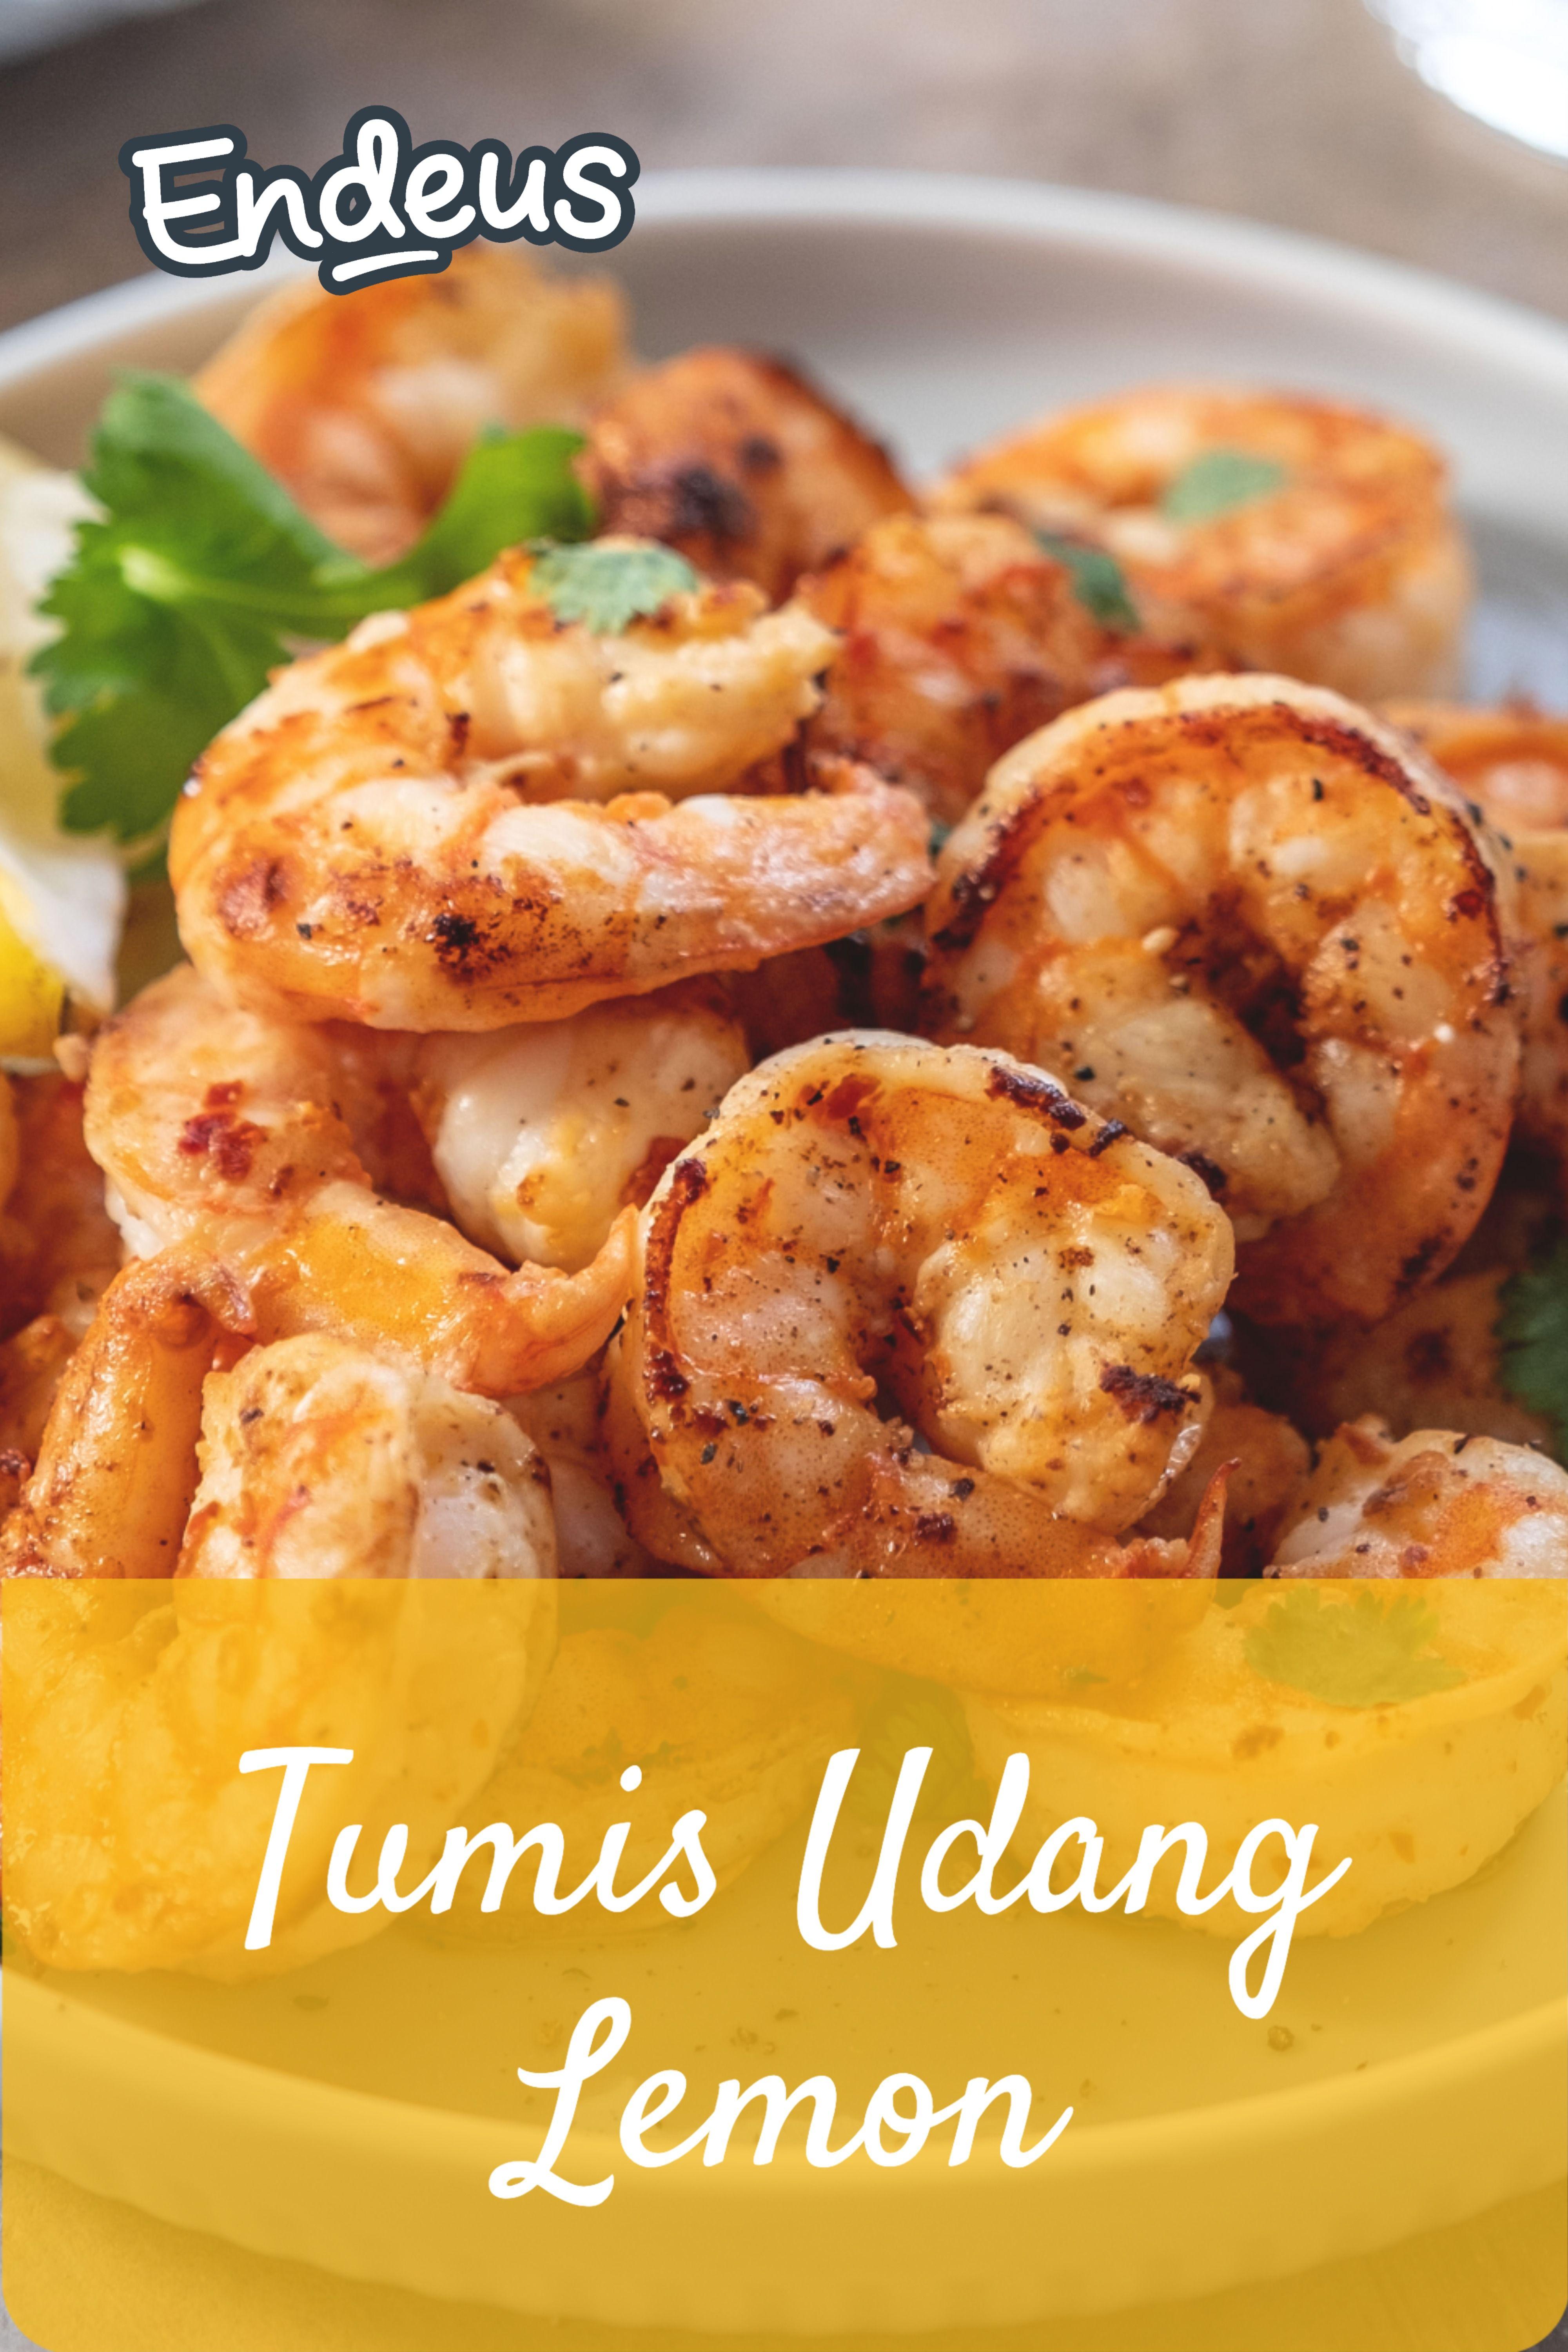 Resep Tumis Udang Lemon Resep Di 2020 Tumis Resep Seafood Resep Masakan